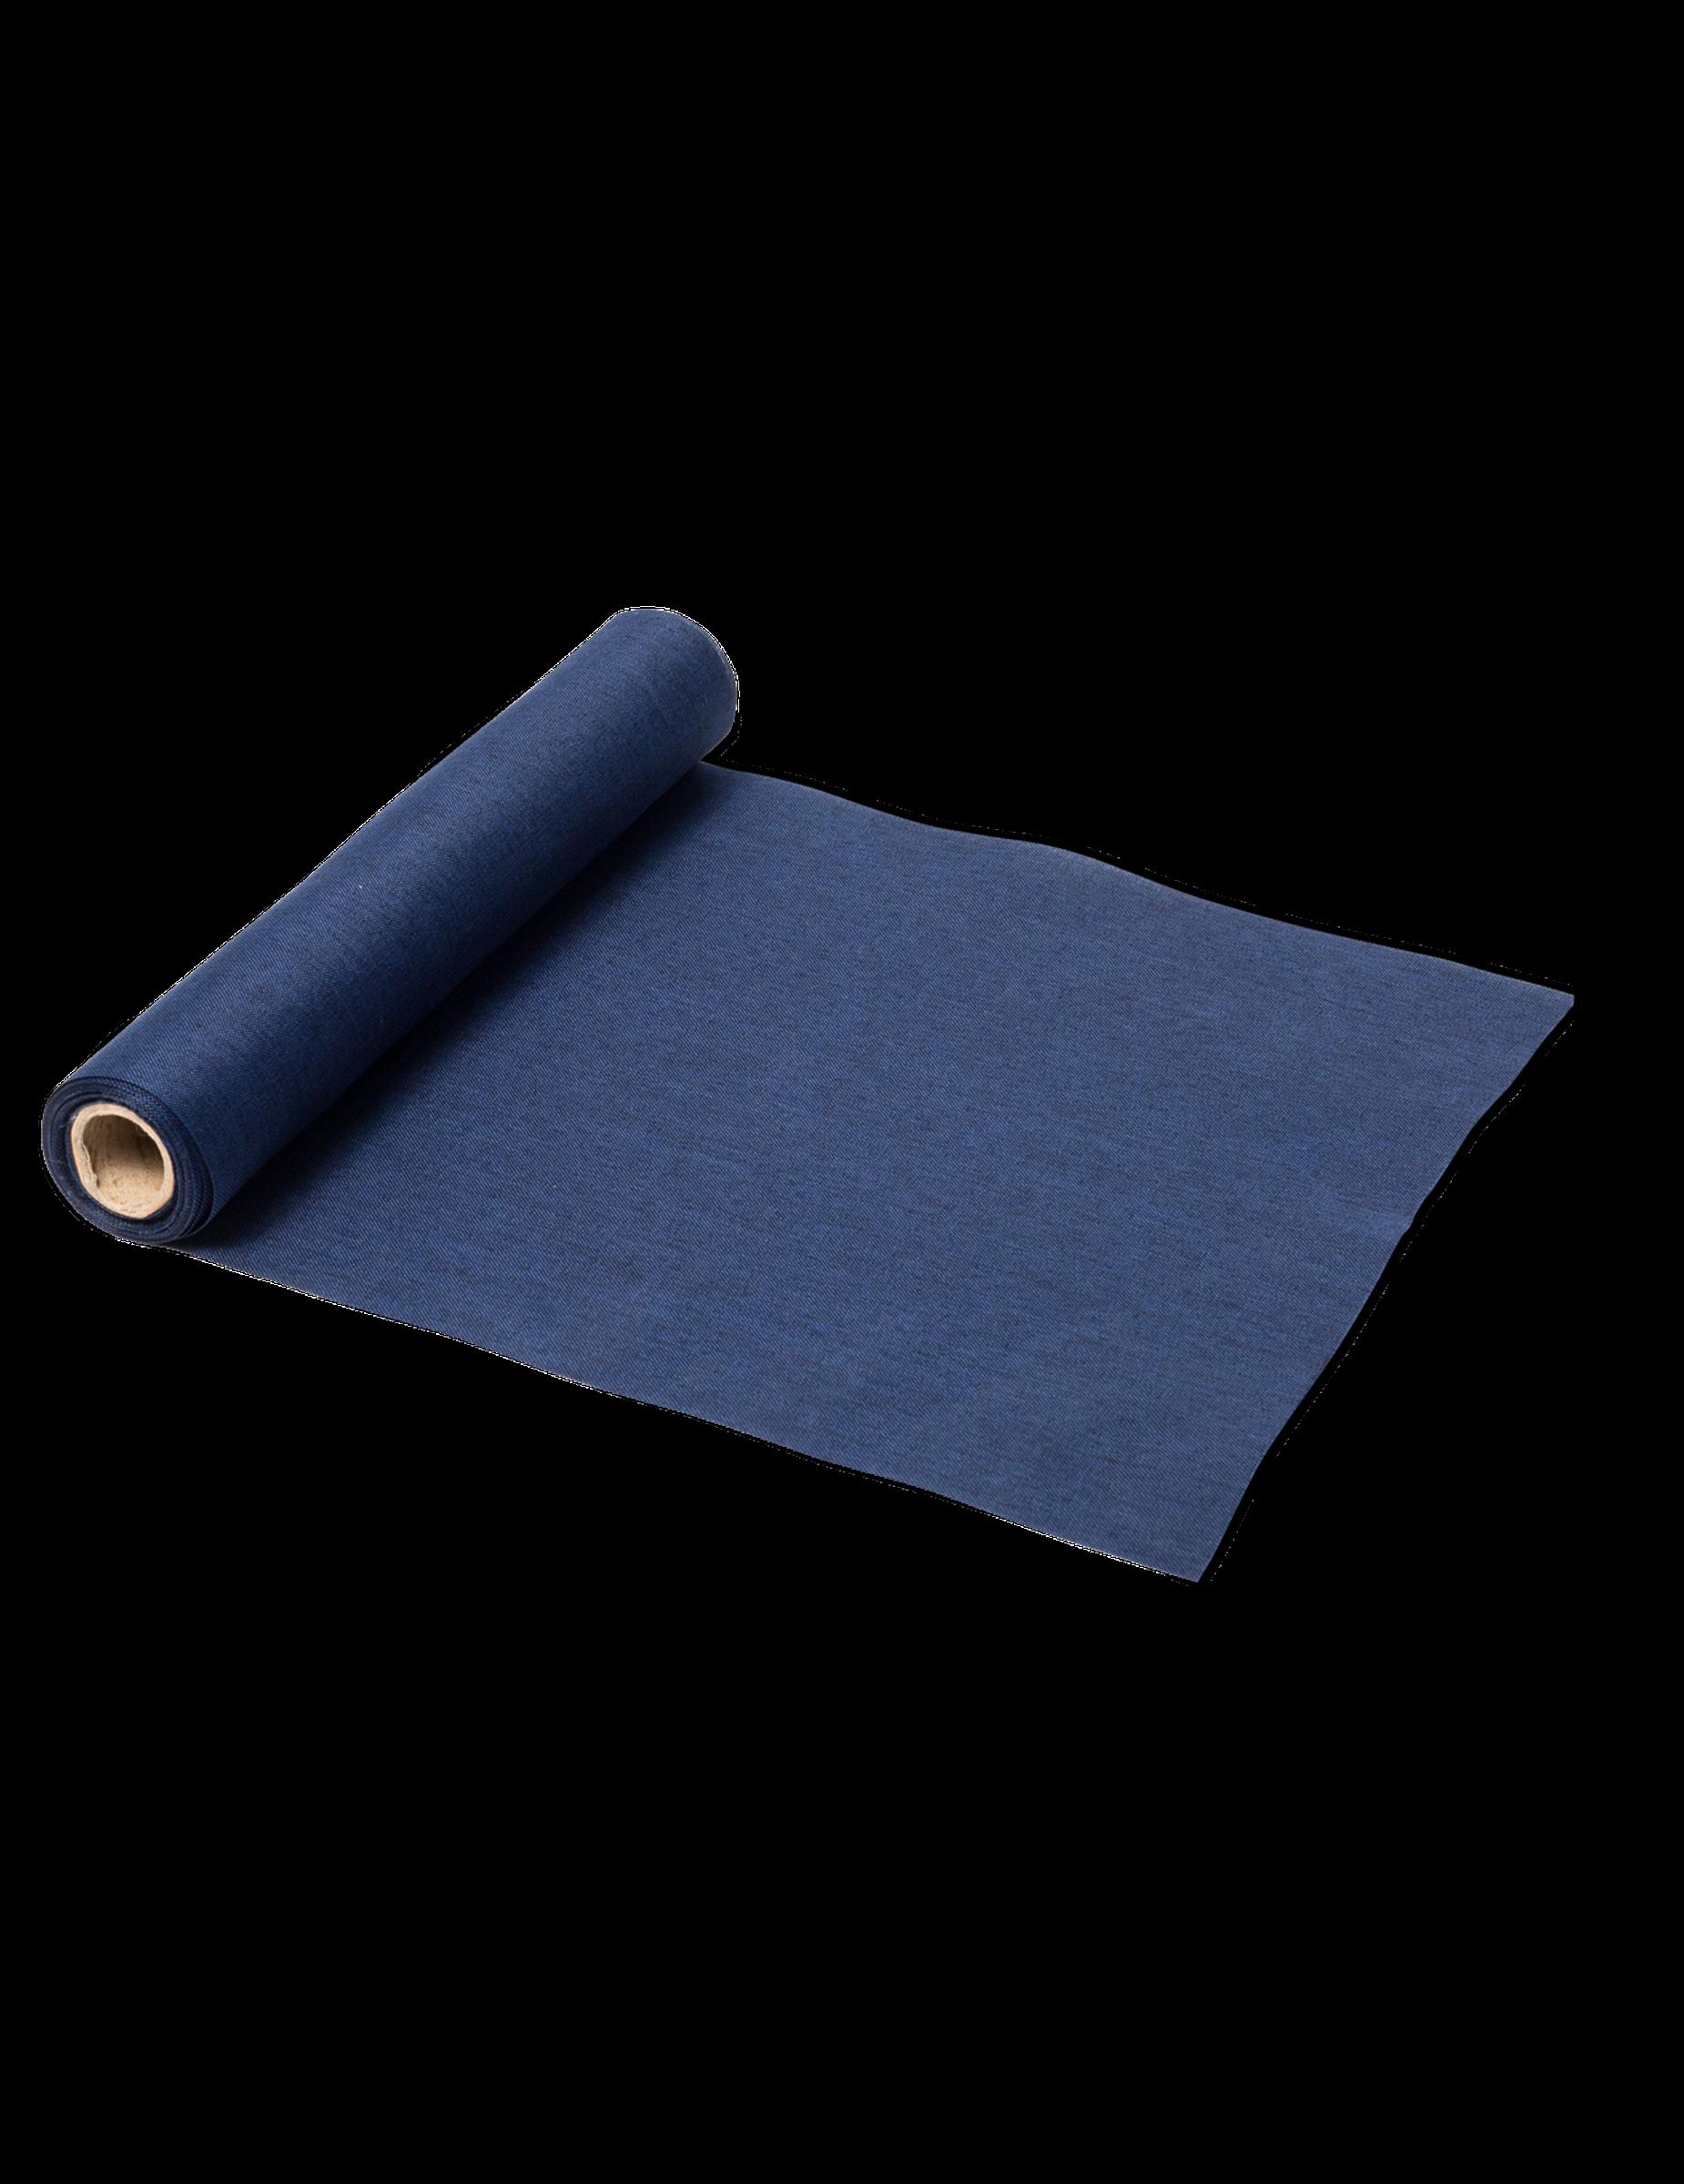 chemin de table en lin bleu marine 28 cm x 5 m d coration anniversaire et f tes th me sur. Black Bedroom Furniture Sets. Home Design Ideas